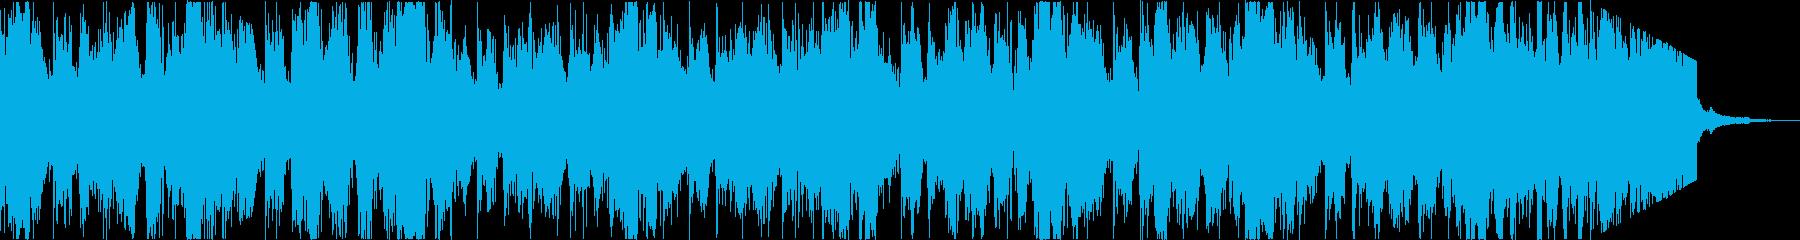 軽快おしゃれニューディスコエレクトロcの再生済みの波形